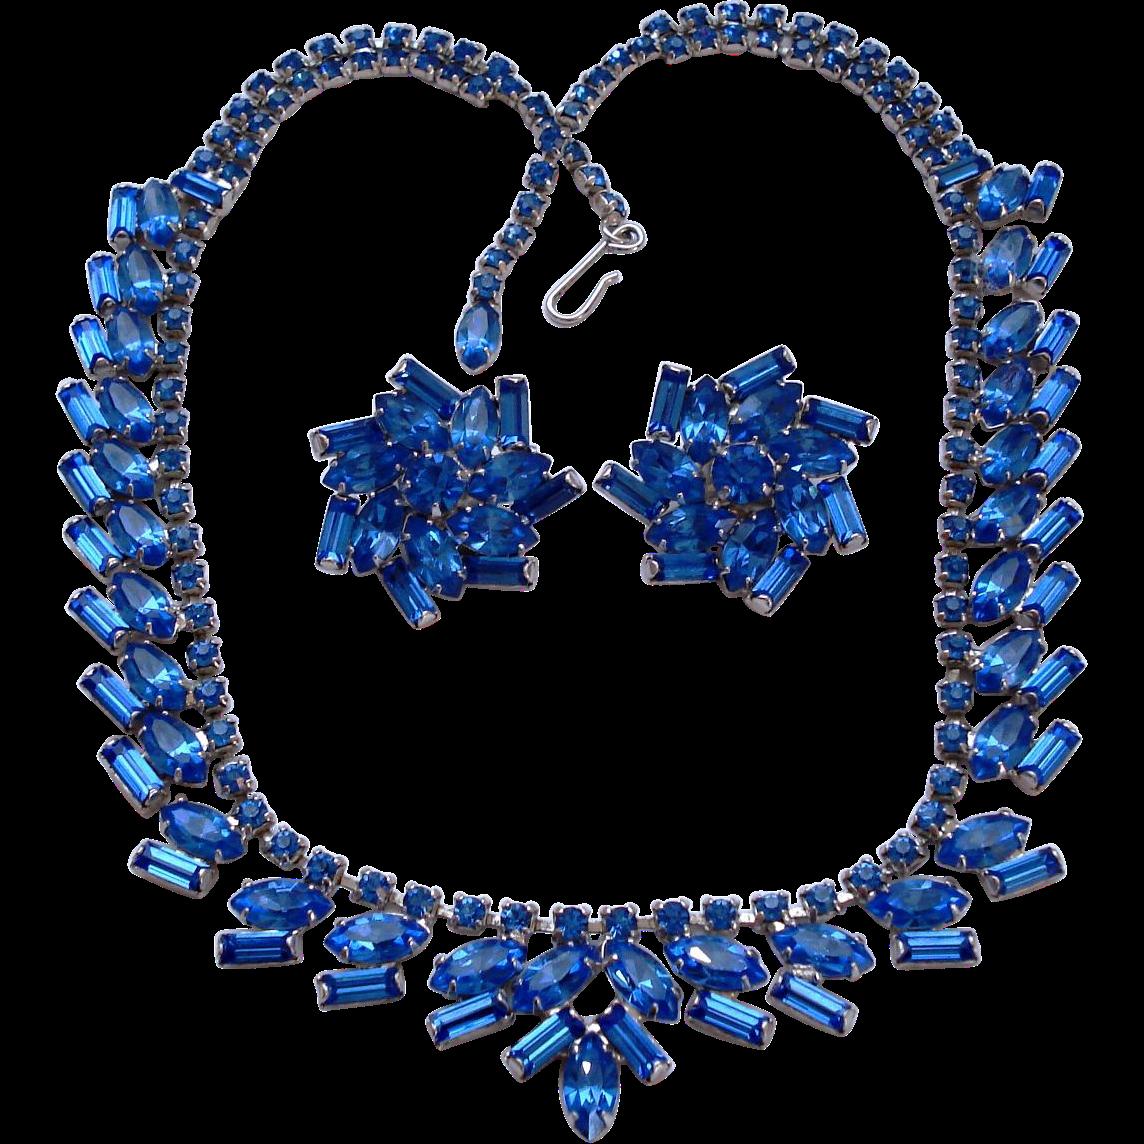 Royal Blue Fancy Baguette Rhinestone Necklace Earrings Set